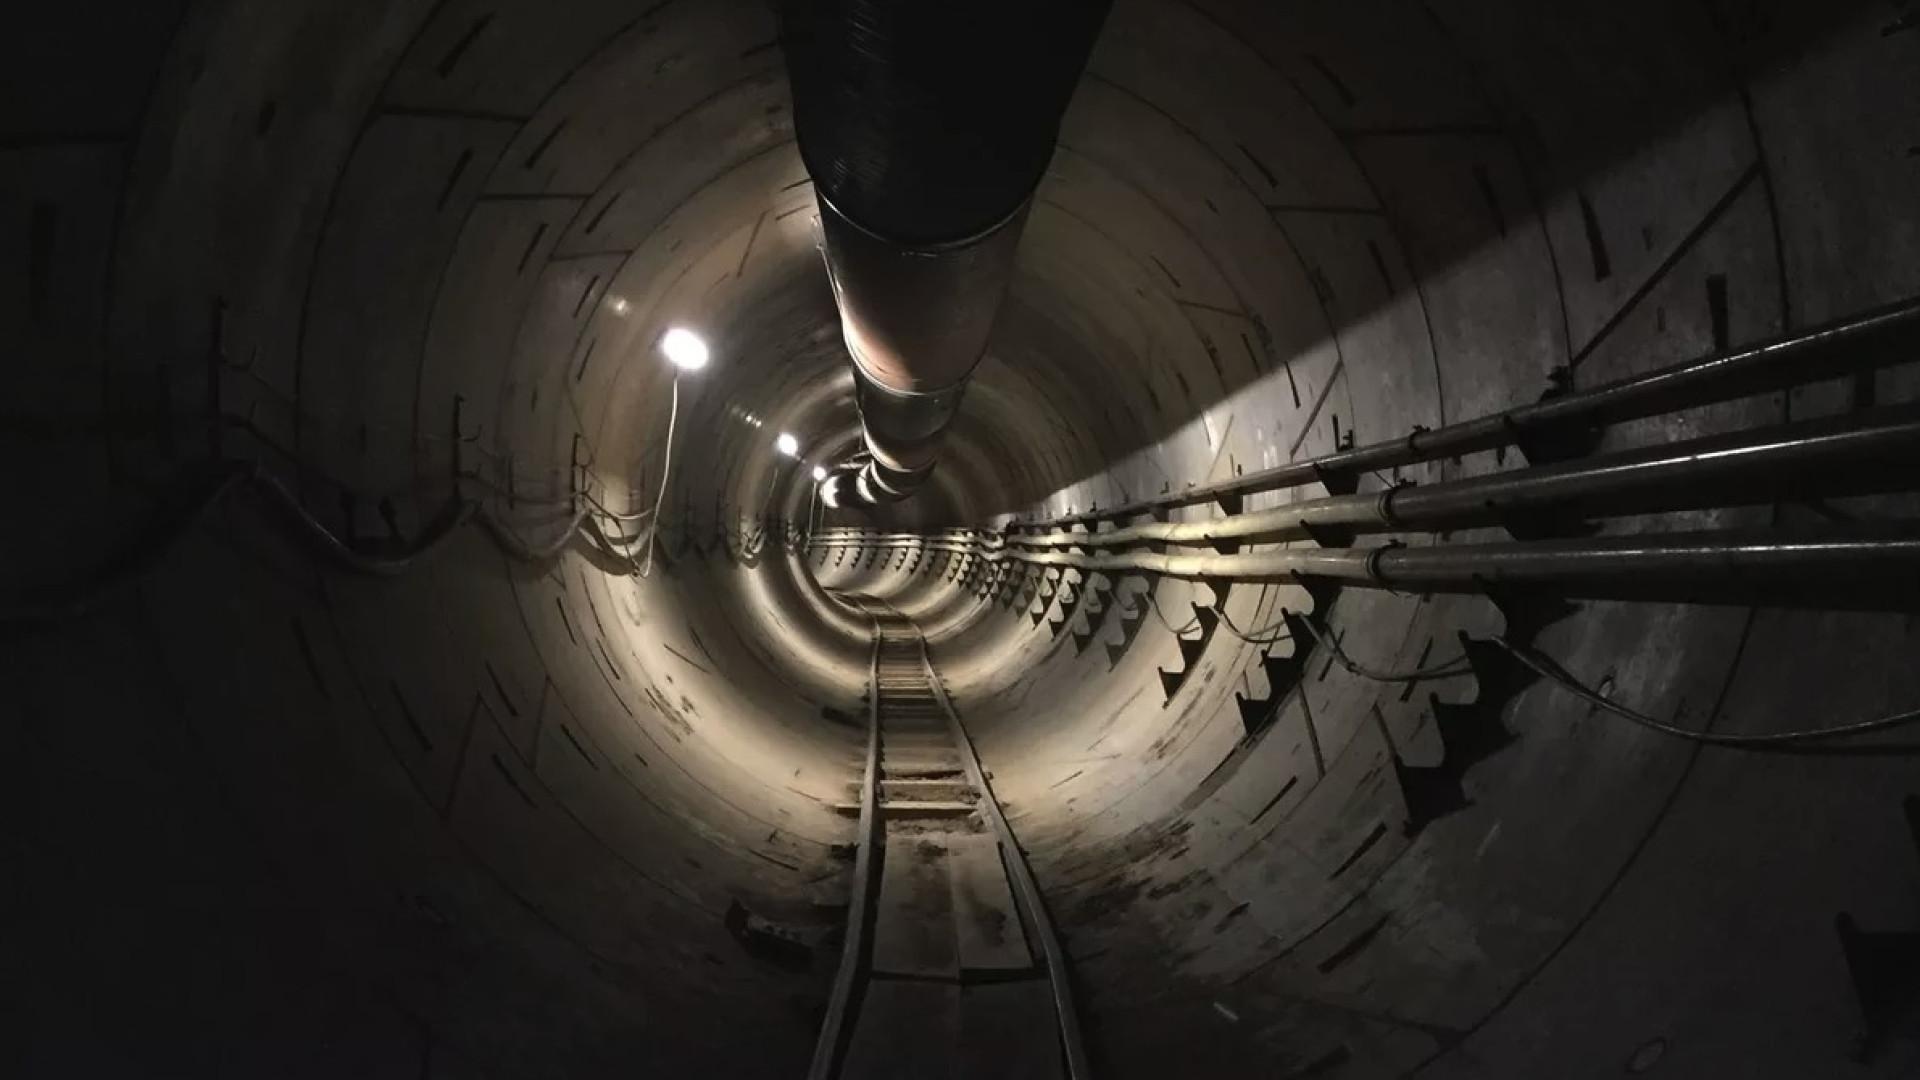 O primeiro túnel de Elon Musk está quase pronto. Veja como é